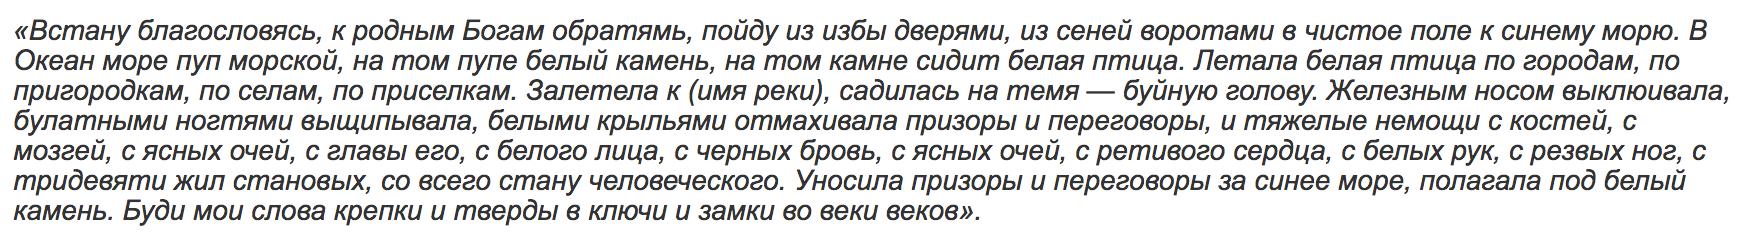 zagovora-chtoby-sdelat-obereg